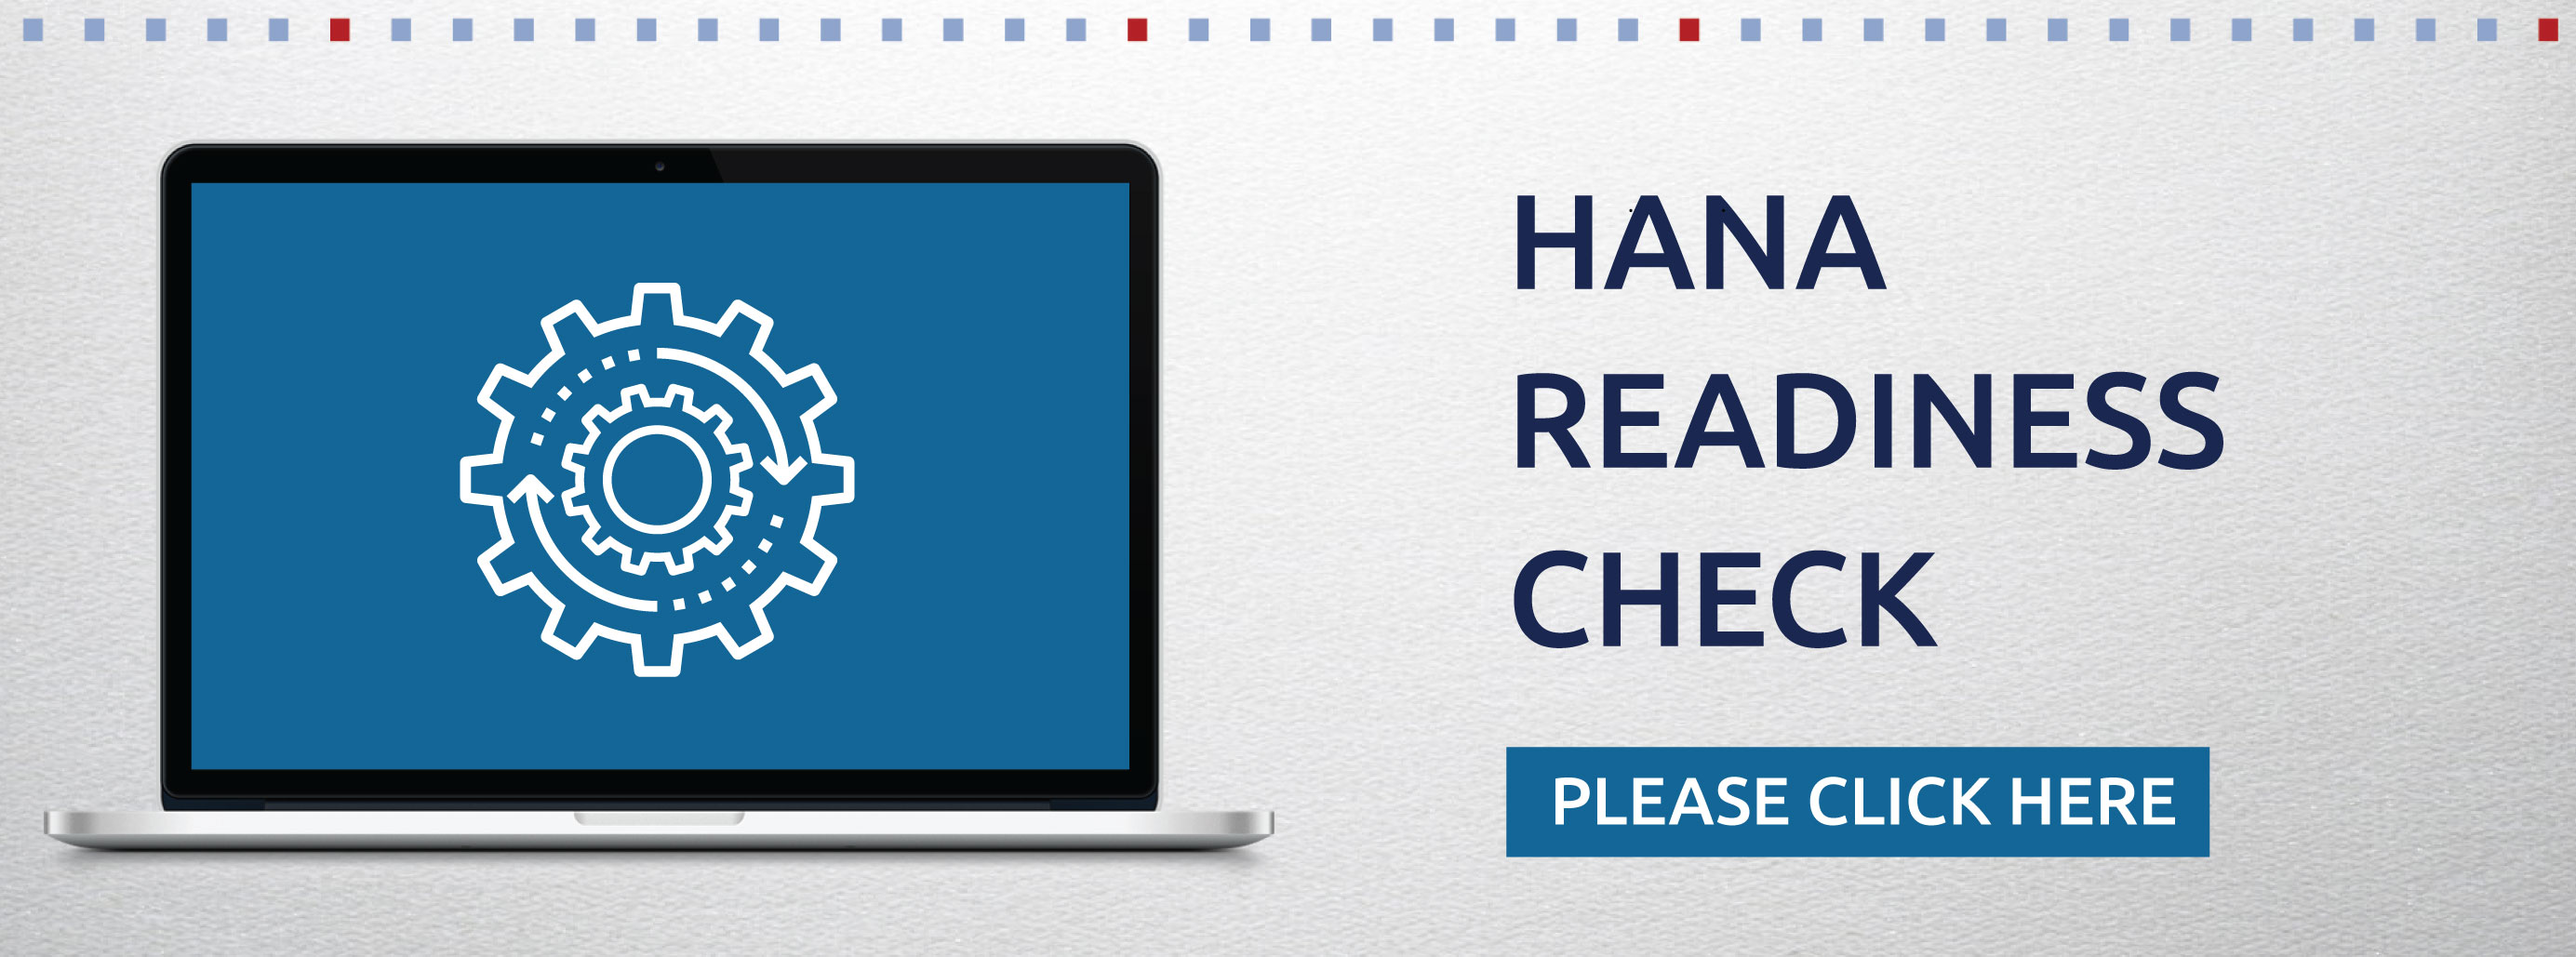 HANA Readiness Check